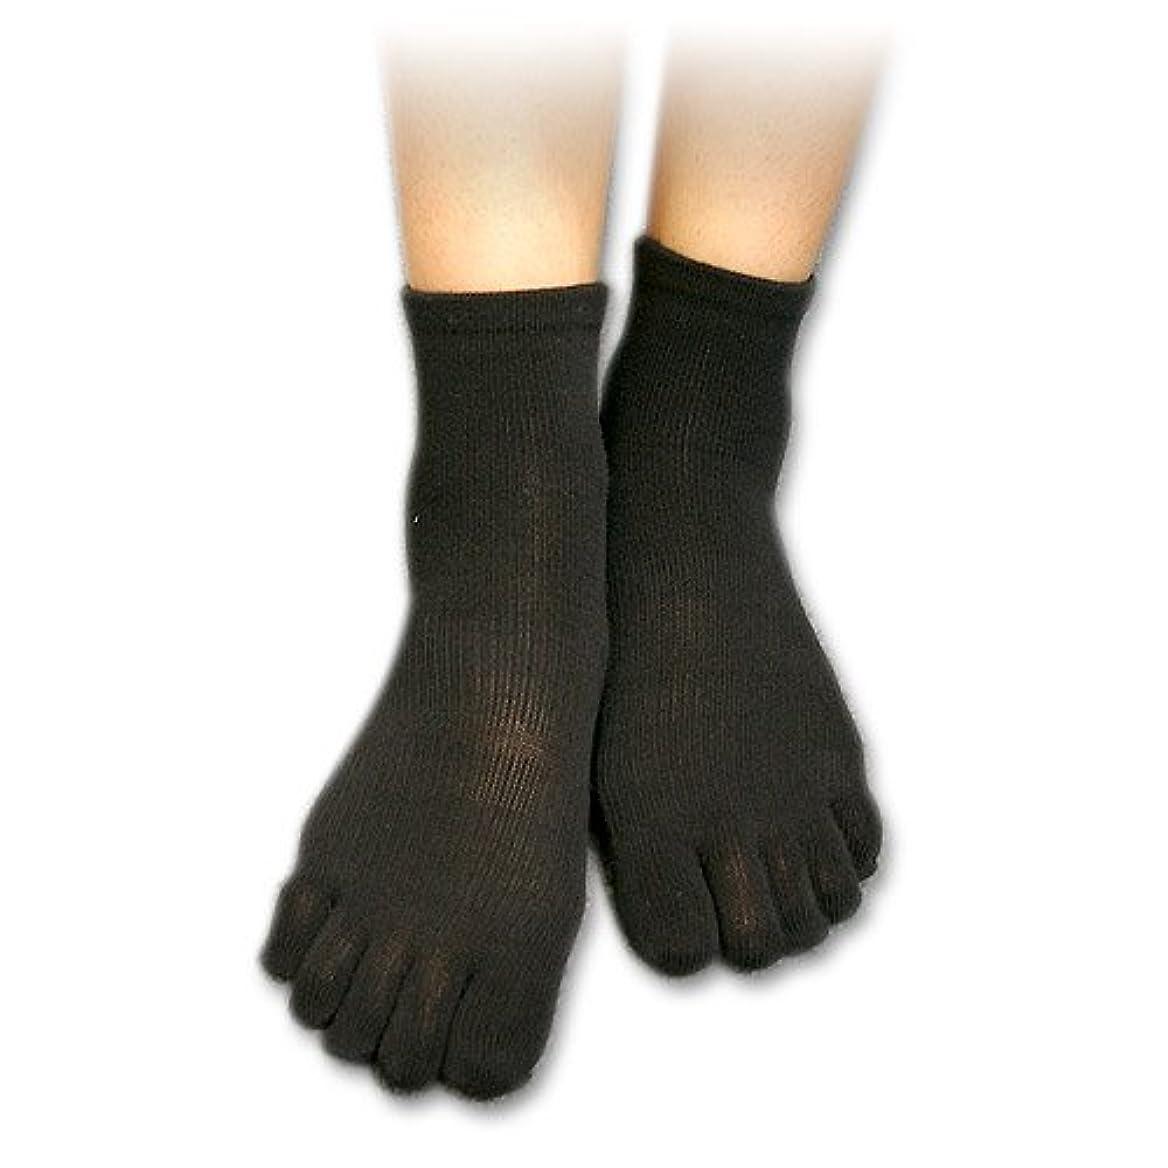 おもてなし感情の綺麗な足裏安定5本指靴下(S(22-24cm), ブラック)